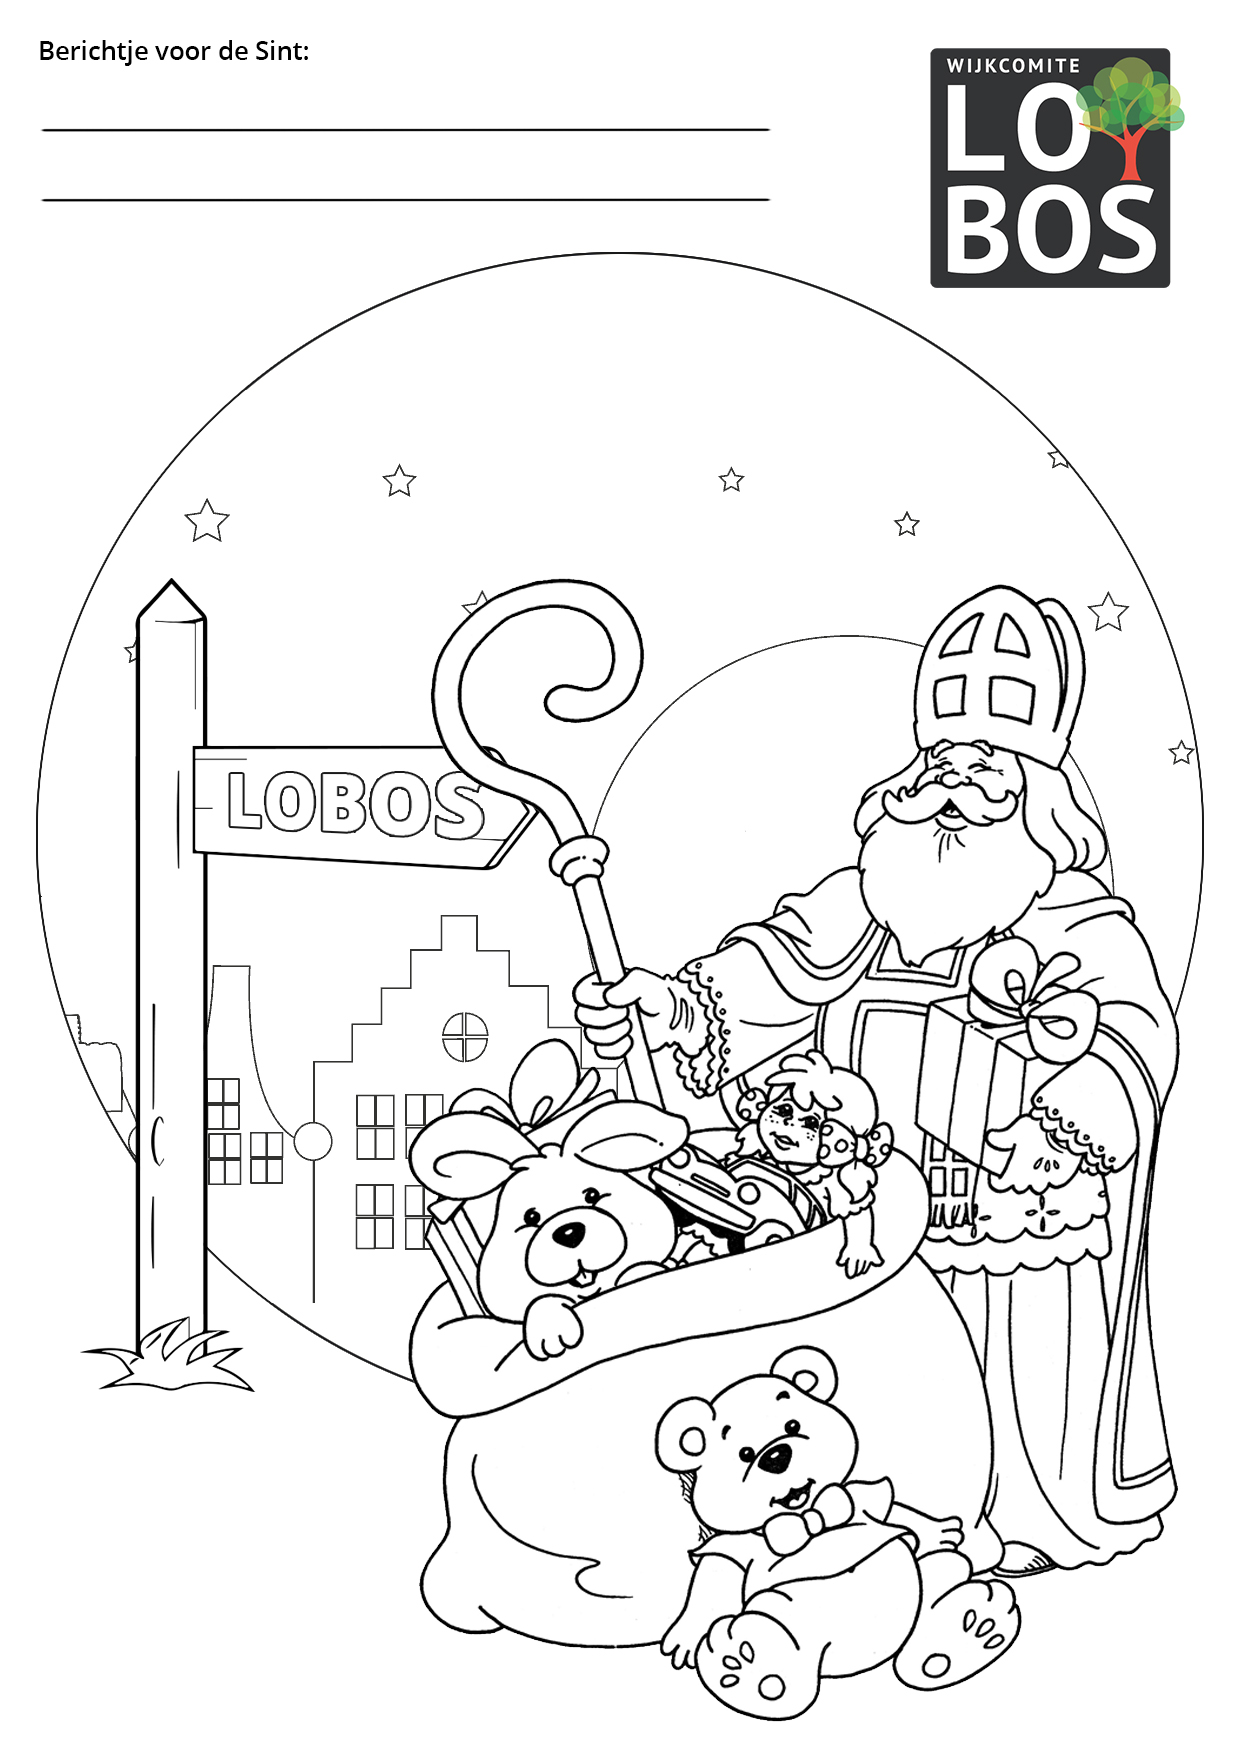 Kleurplaat Sinterklaas Lobos 2020